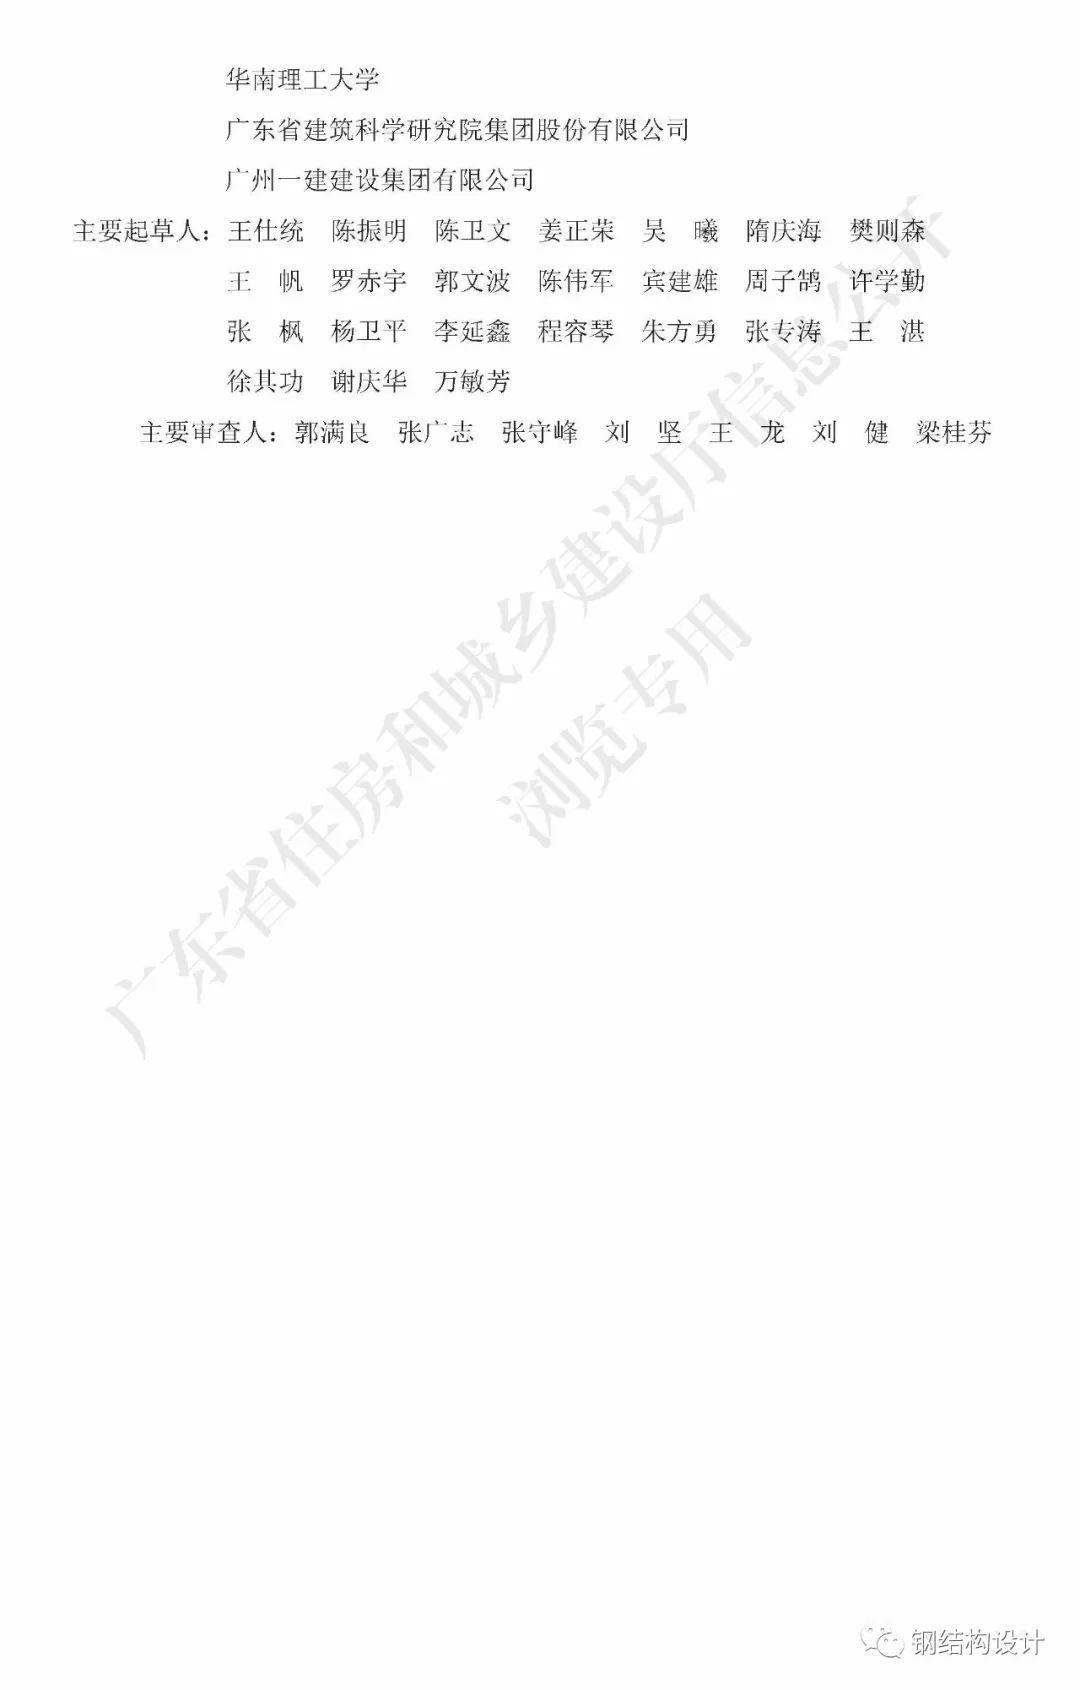 广东省《装配式钢结构建筑技术规程》发布_6